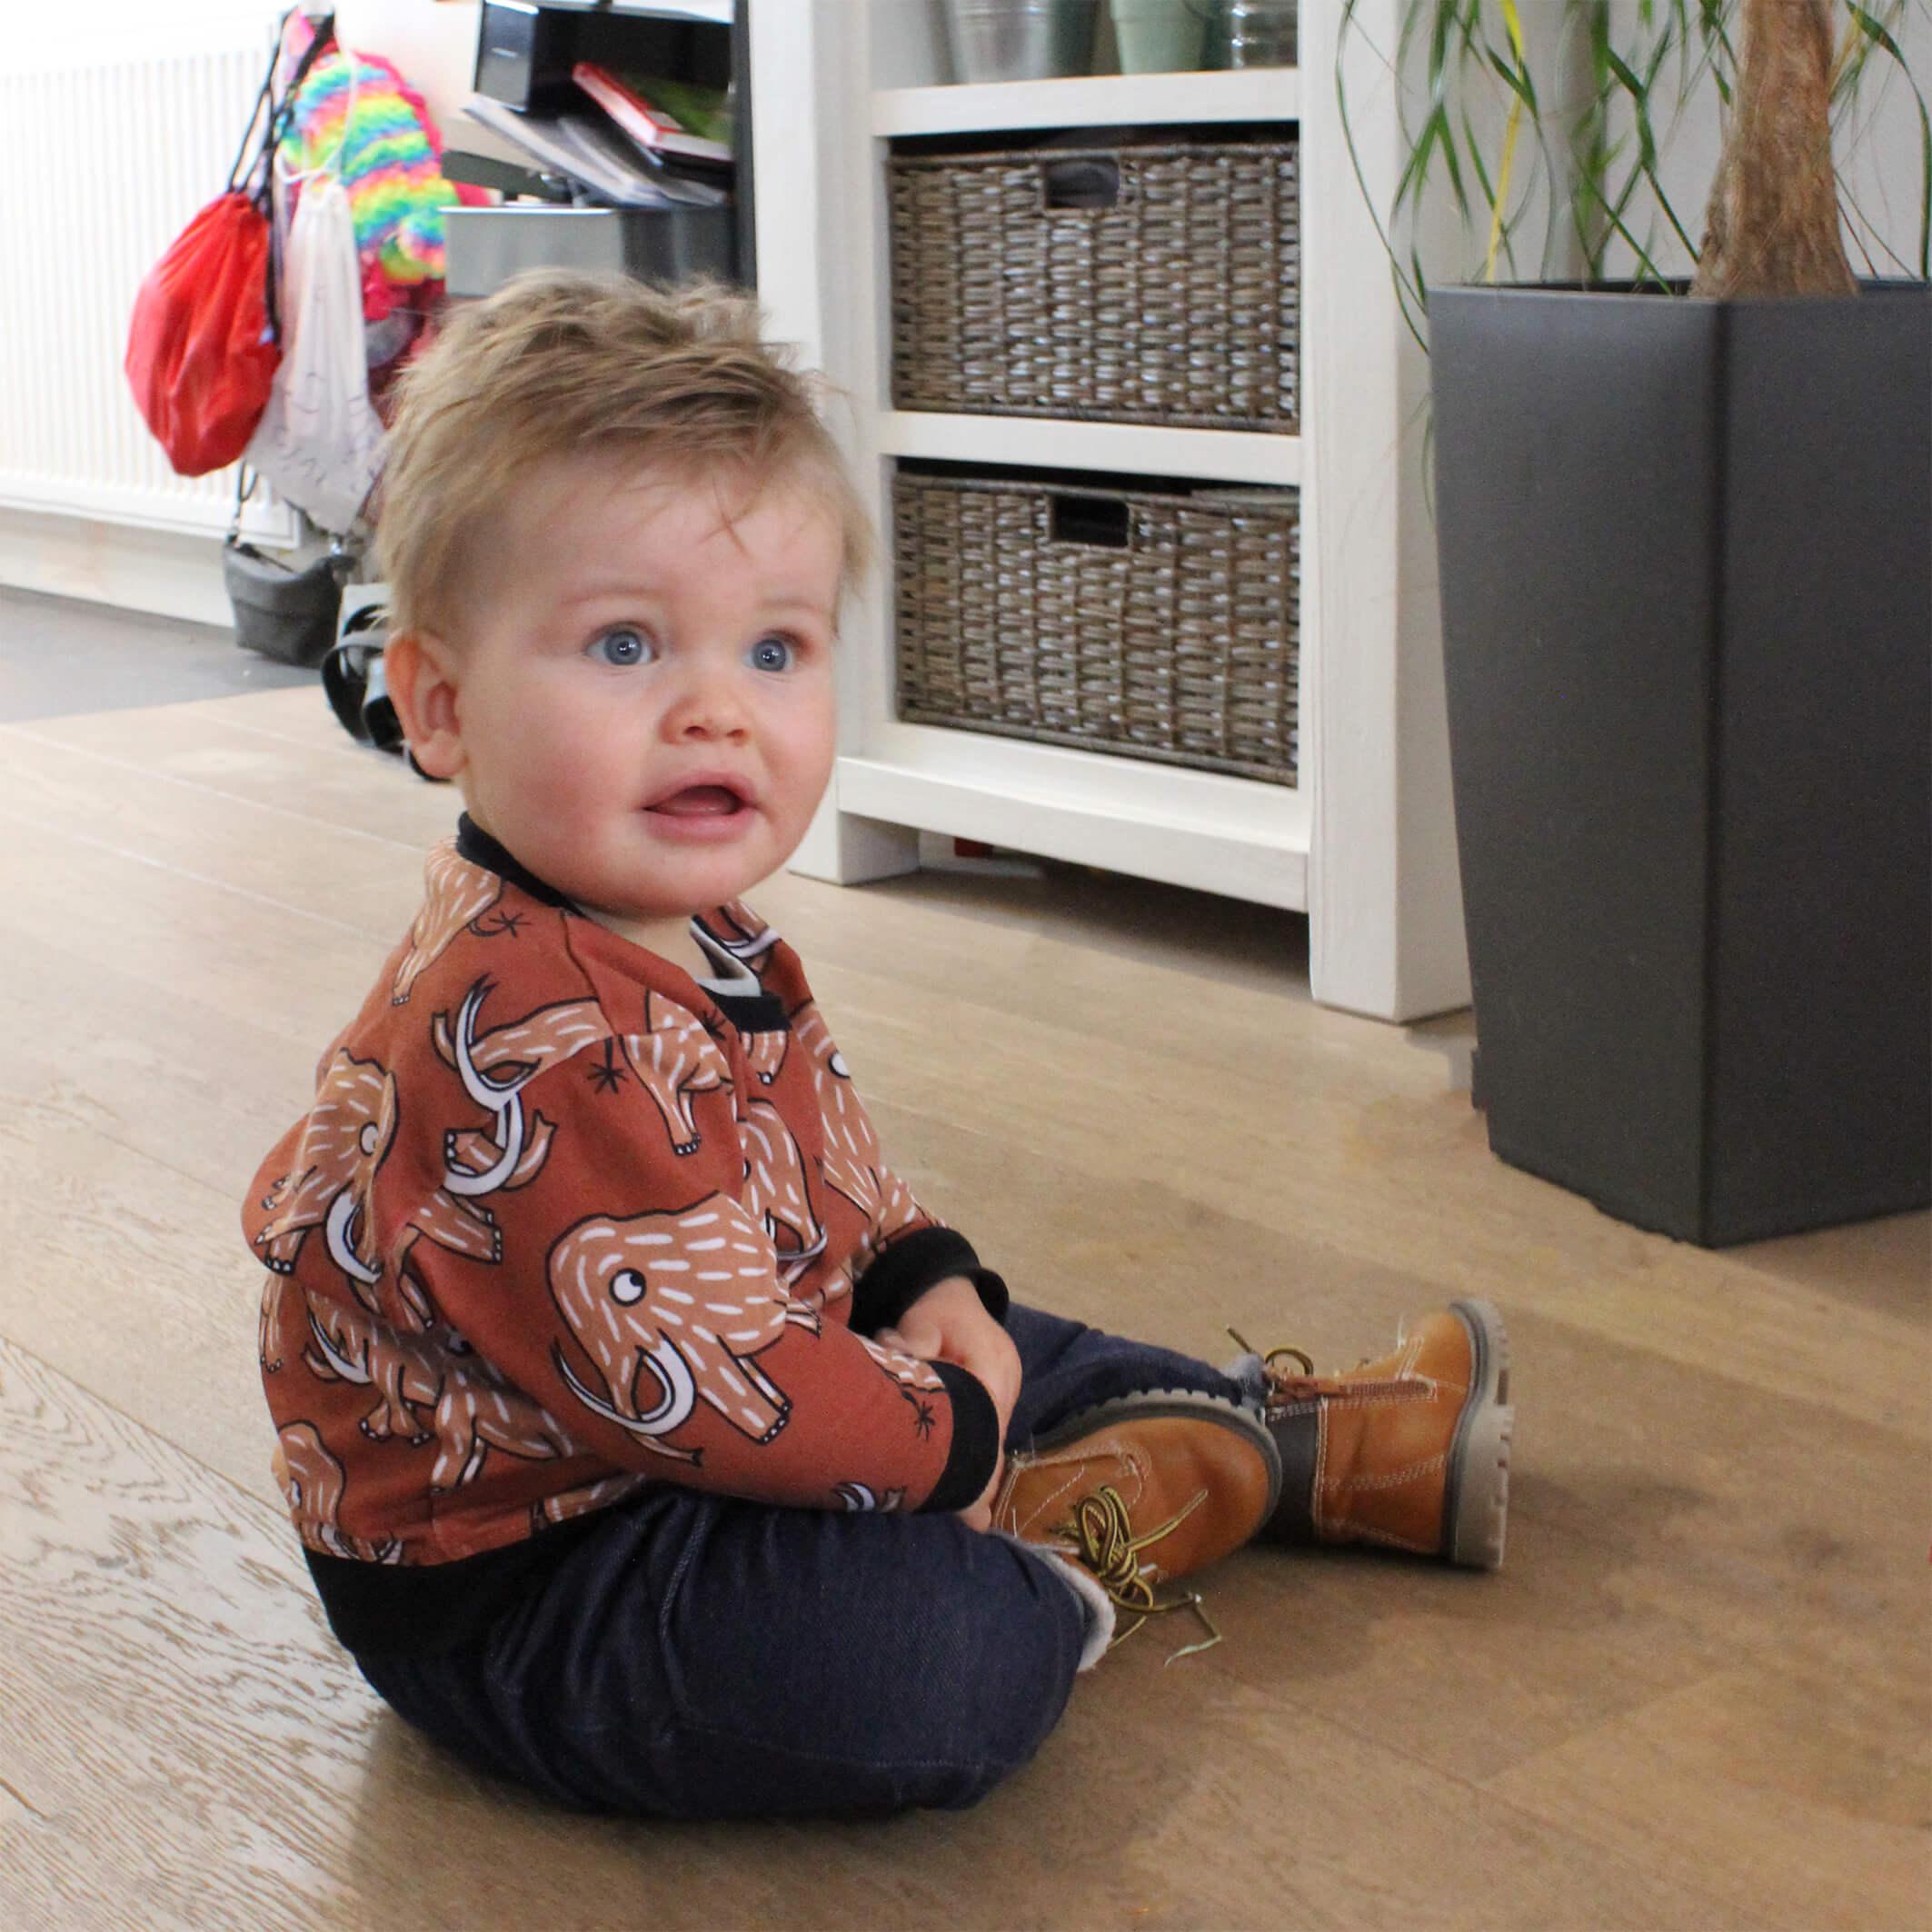 Little Cactuz- elke dag de wereld een beetje beter maken